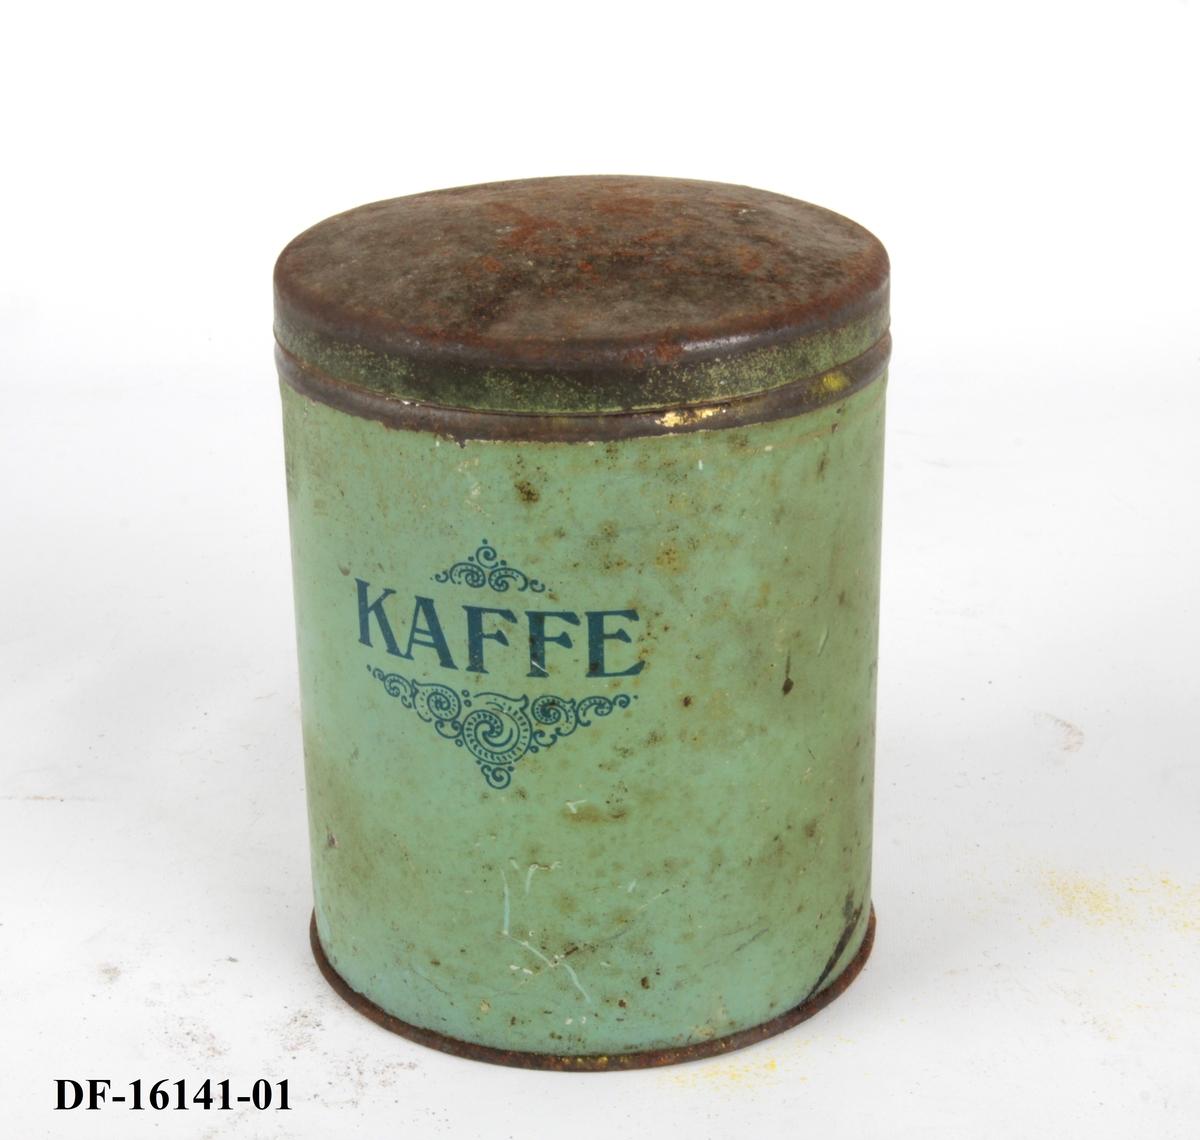 Rund boks med lokk. Brukt til oppbevaring av kaffe.